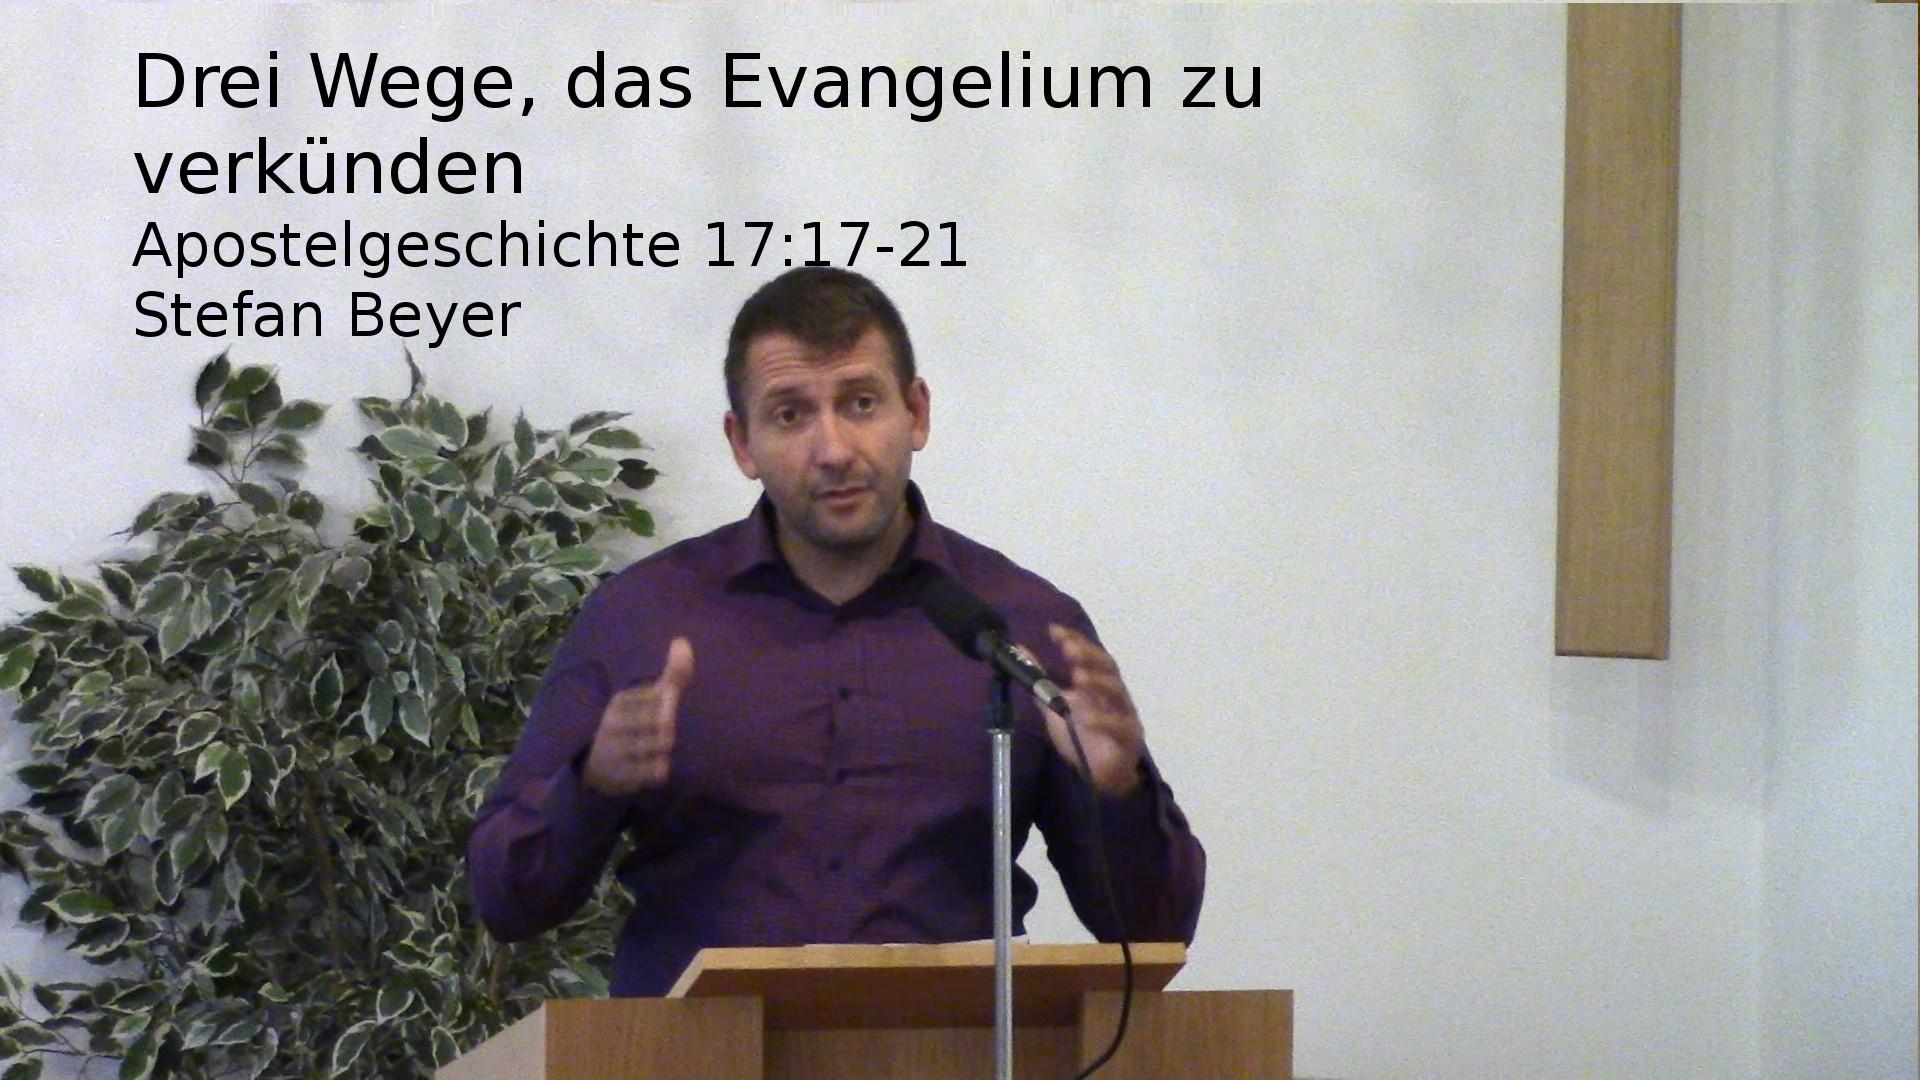 Apostelgeschichte 17:17-21 – Drei Wege, das Evangelium zu verkünden